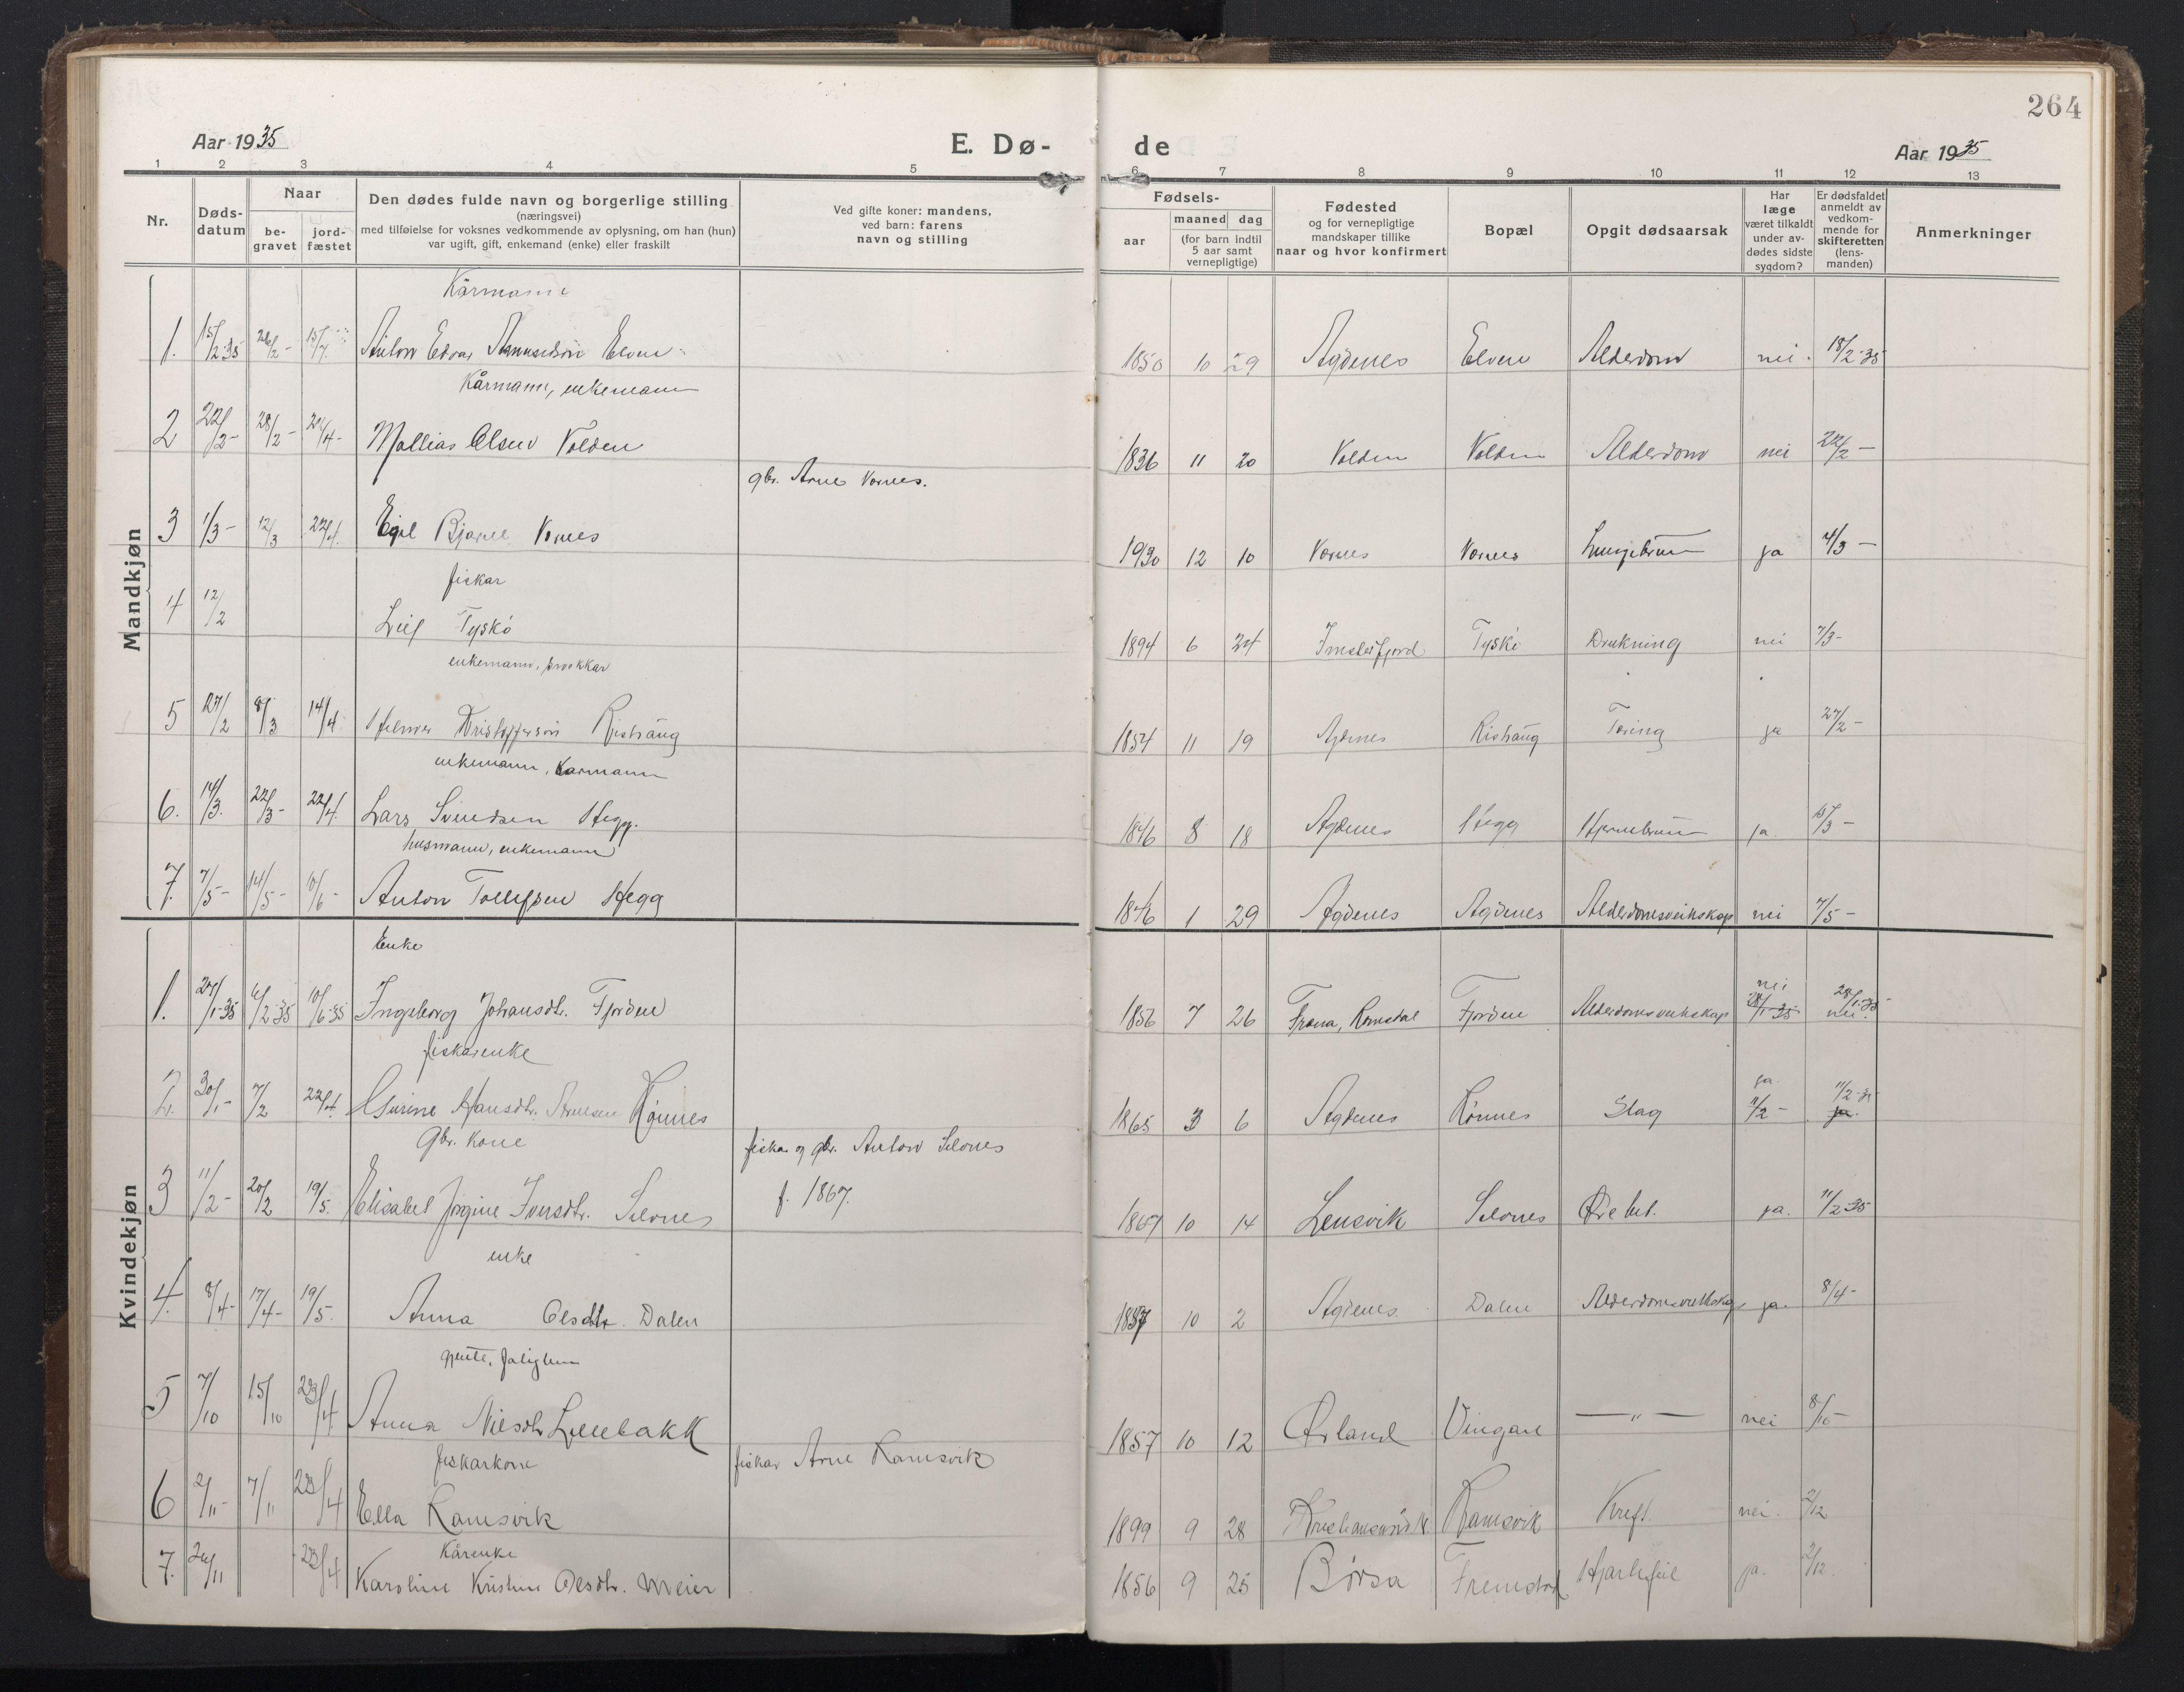 SAT, Ministerialprotokoller, klokkerbøker og fødselsregistre - Sør-Trøndelag, 662/L0758: Klokkerbok nr. 662C03, 1918-1948, s. 264